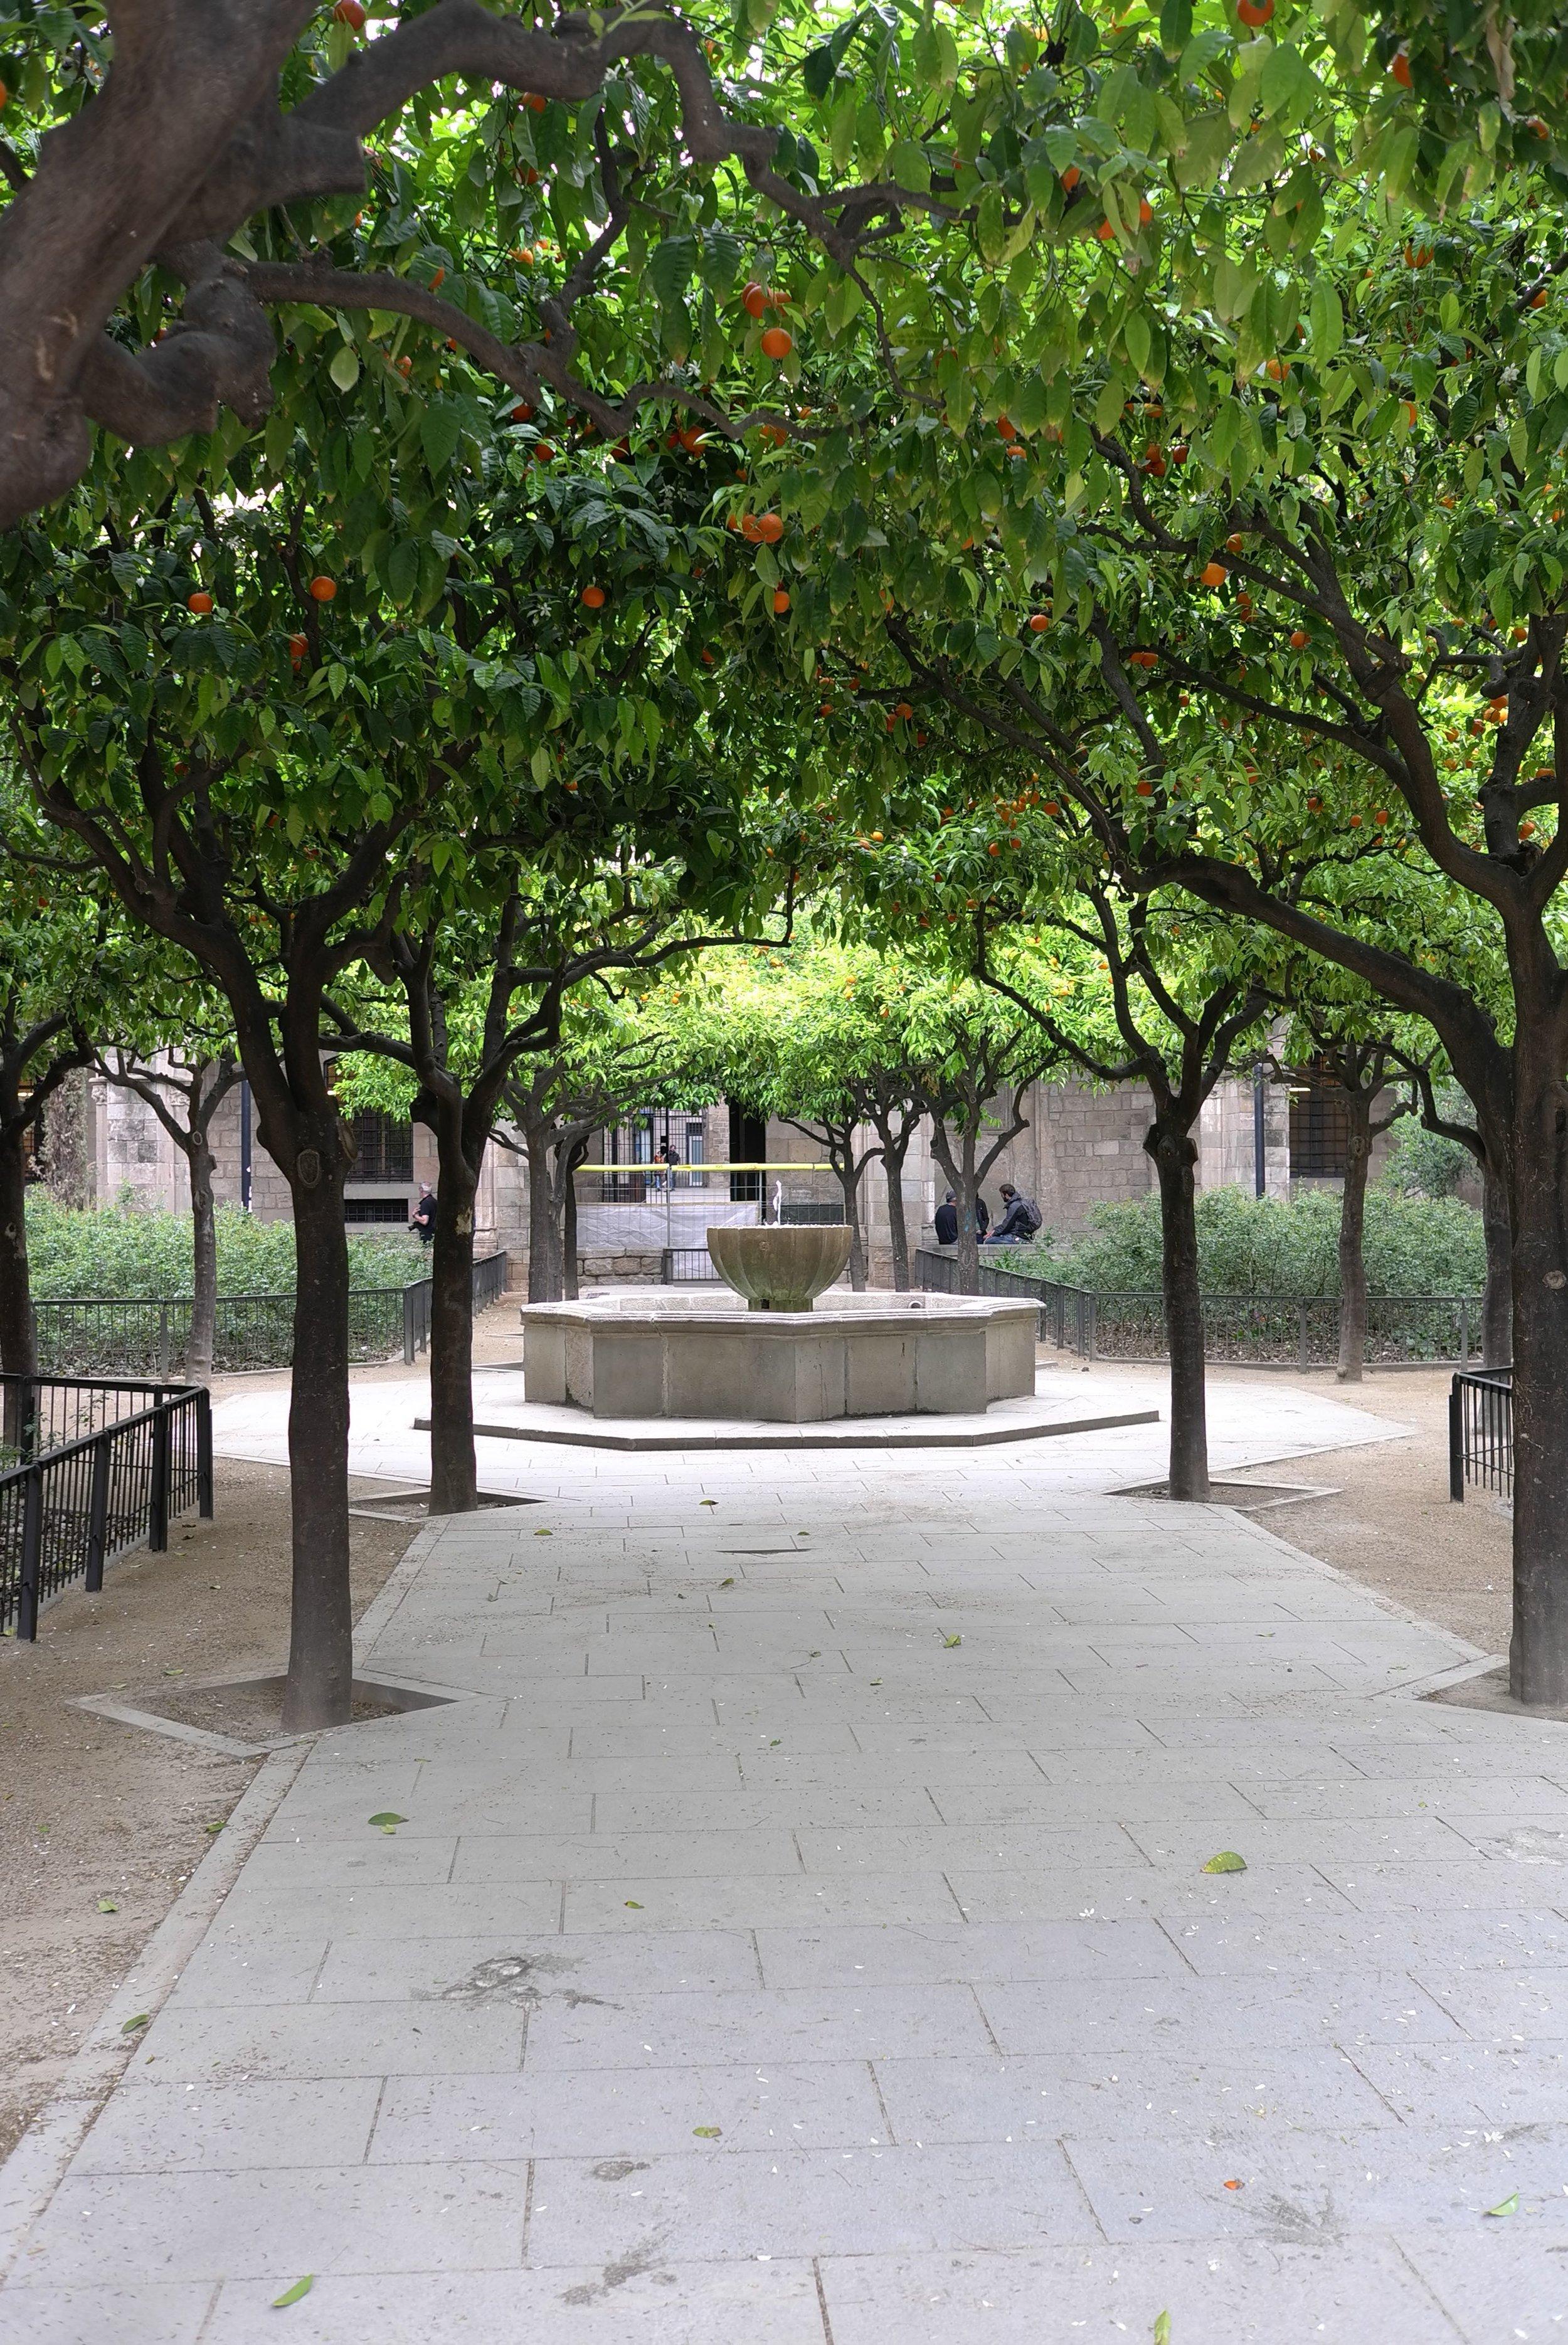 Lozidaze_Barcelona-Courtyard_01